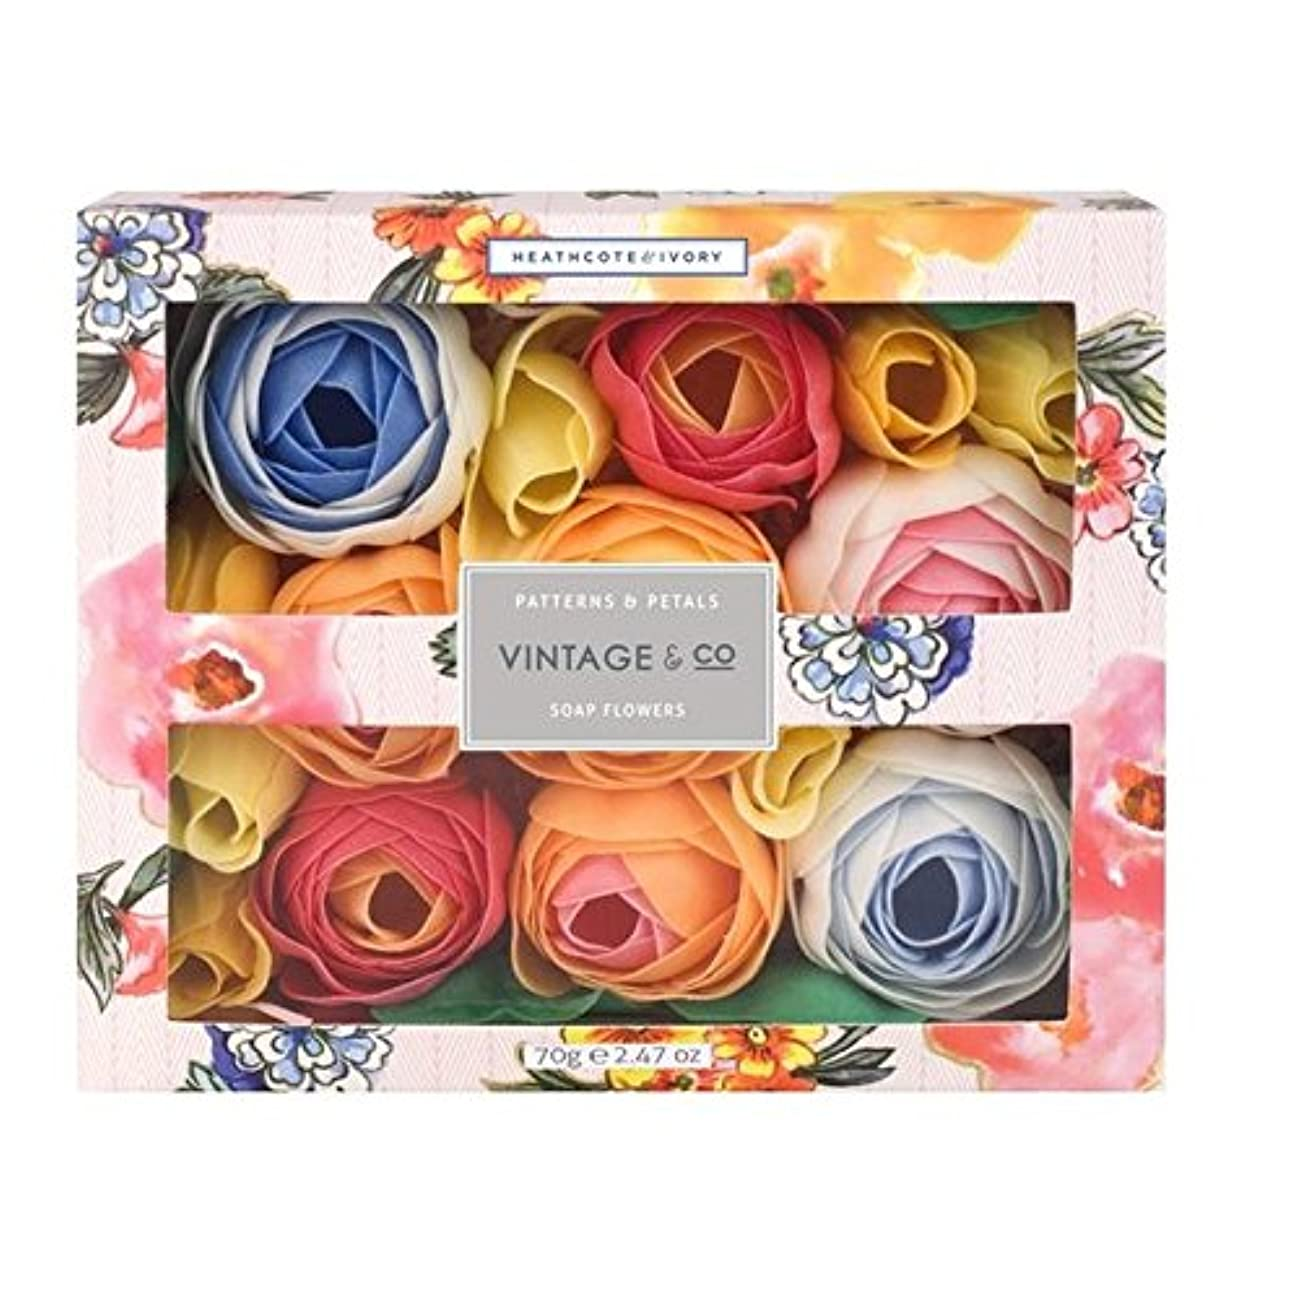 操作可能悪化させるモノグラフヒースコート&アイボリーパターン&花びら石鹸の花70グラム x4 - Heathcote & Ivory Patterns & Petals Soap Flowers 70g (Pack of 4) [並行輸入品]